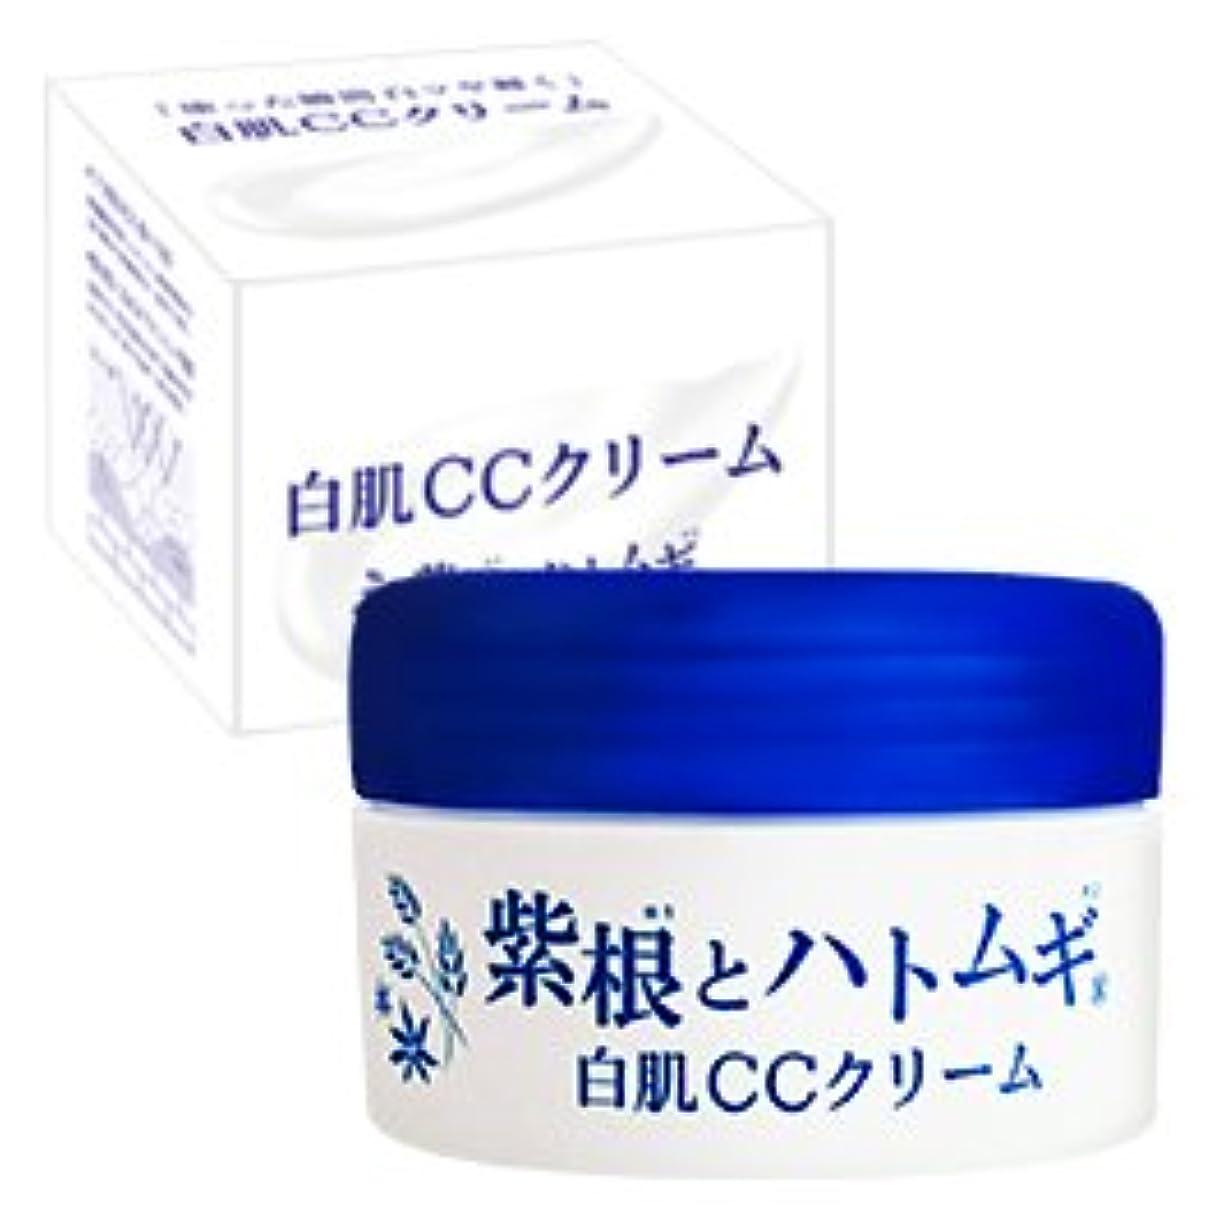 契約するストリップ許容紫根とハトムギ 白肌CCクリーム 100g